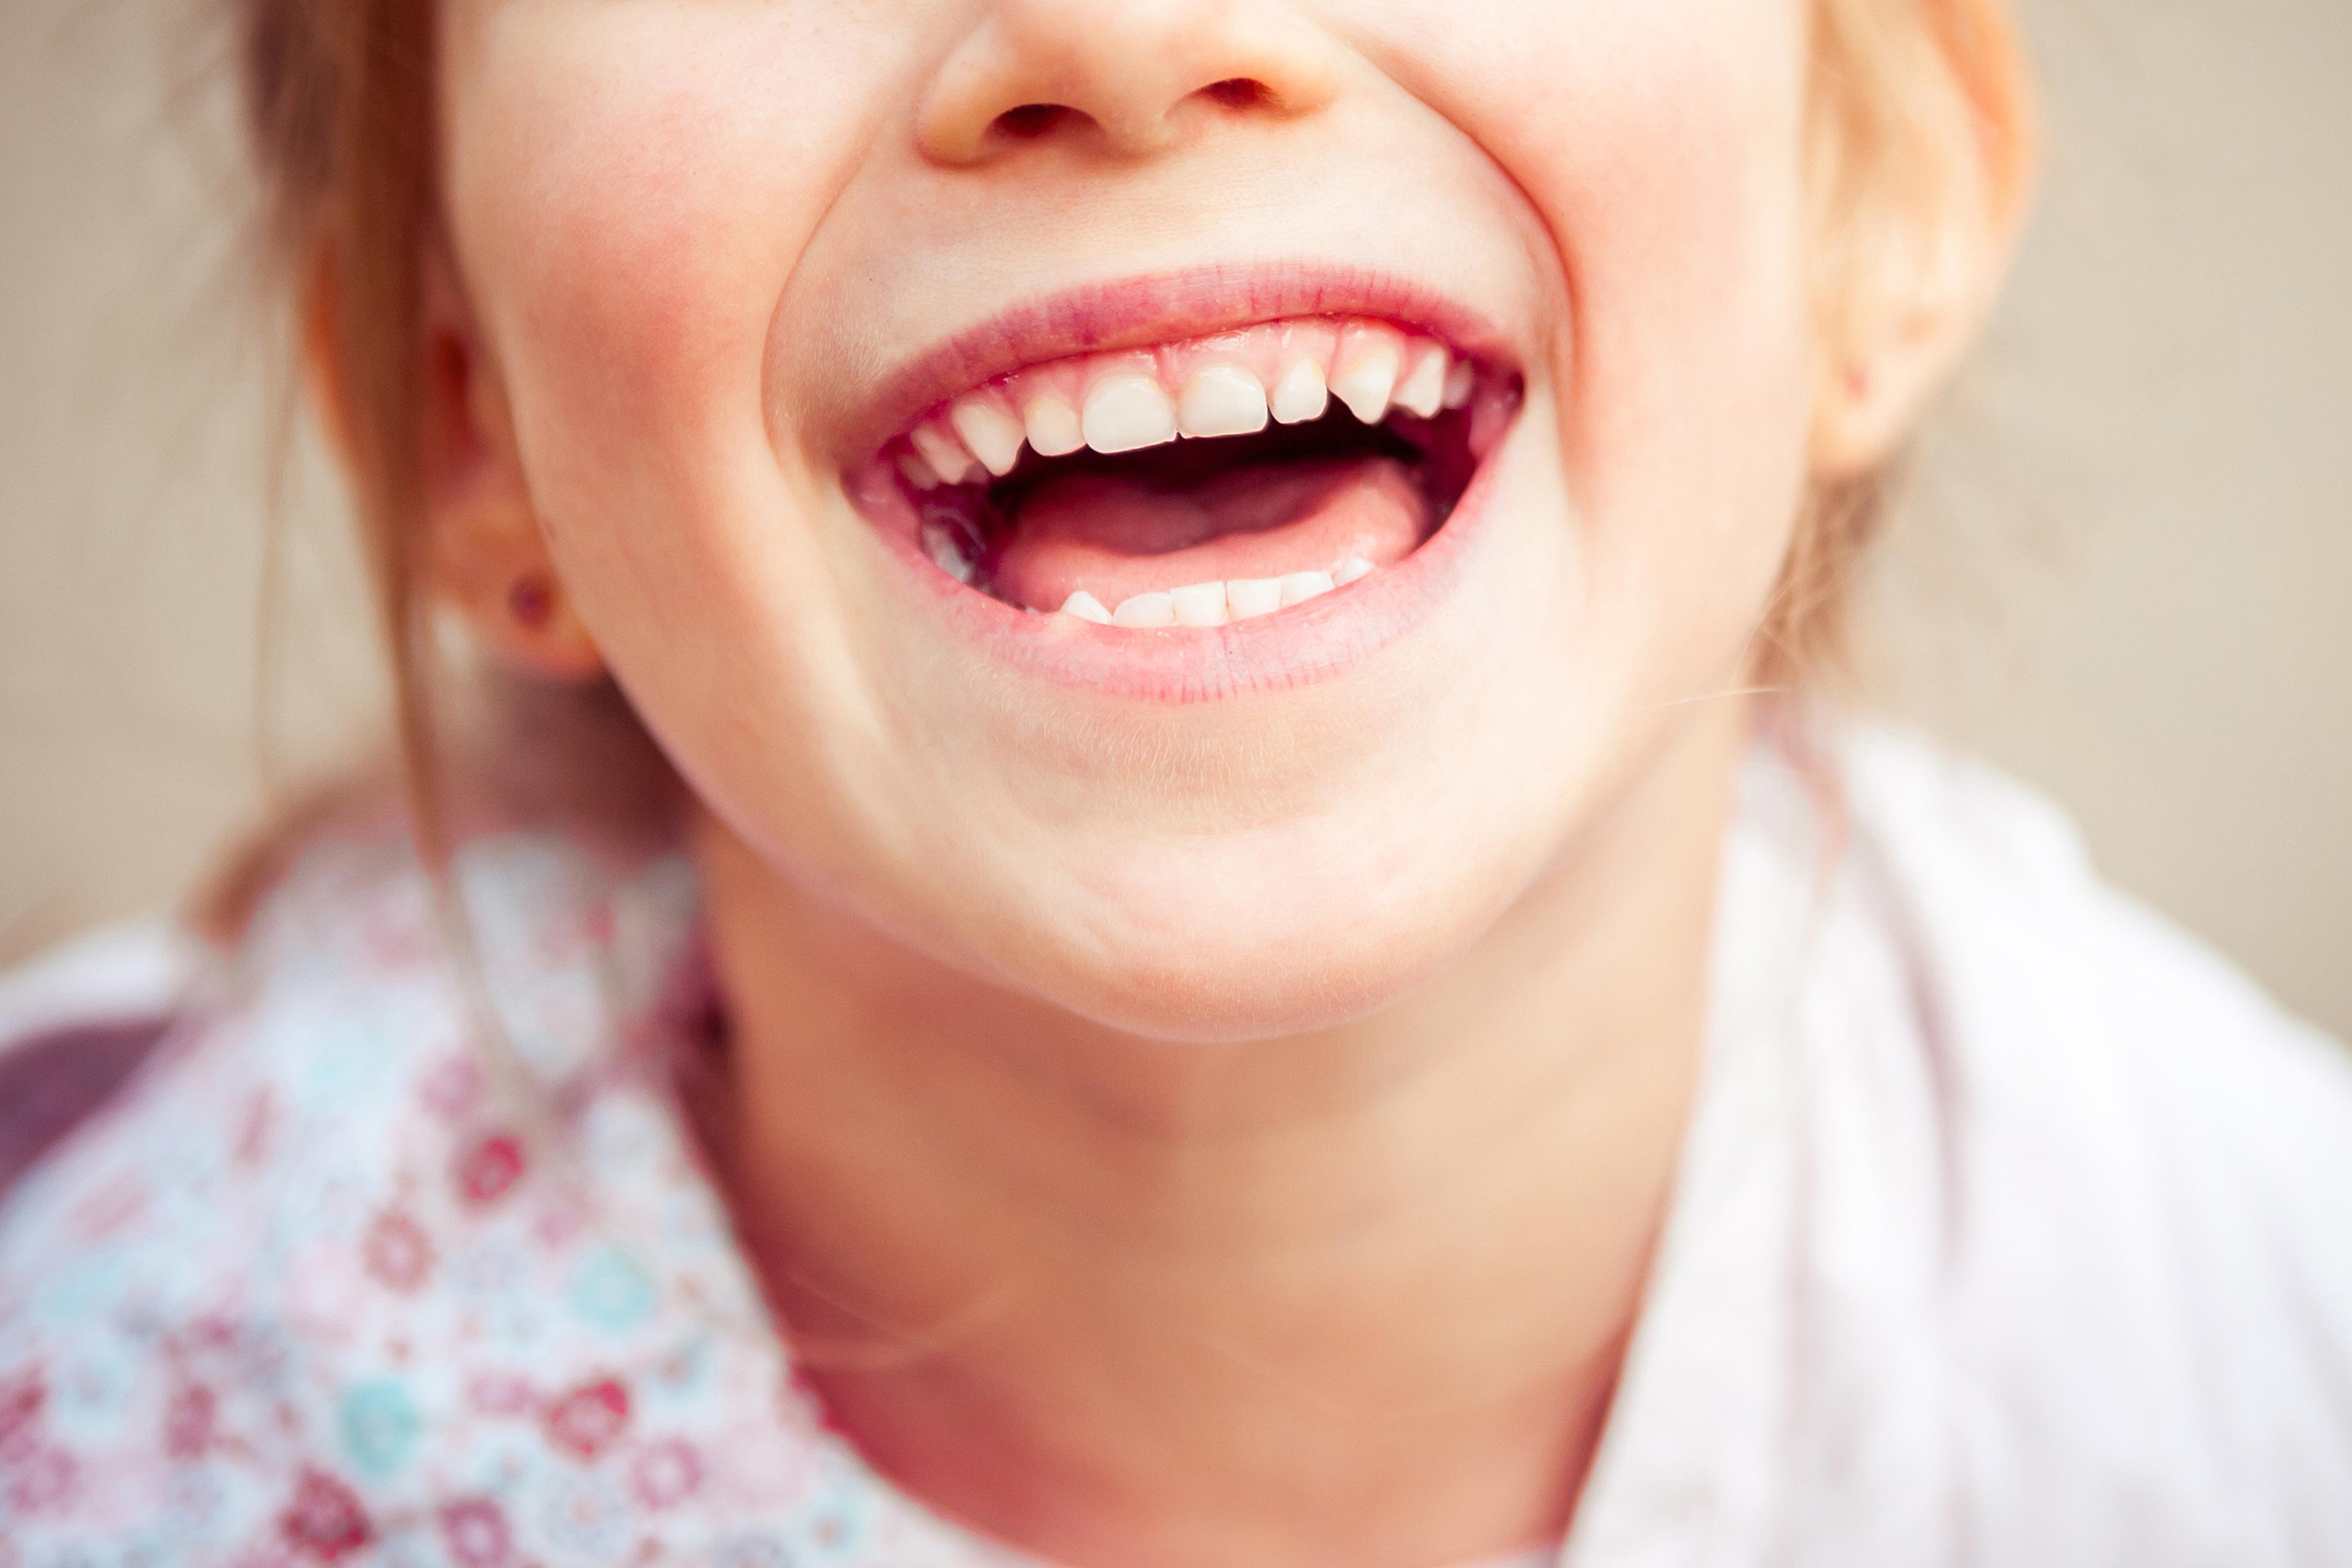 464ae0939 O que seu filho deve comer para manter a boca saudável